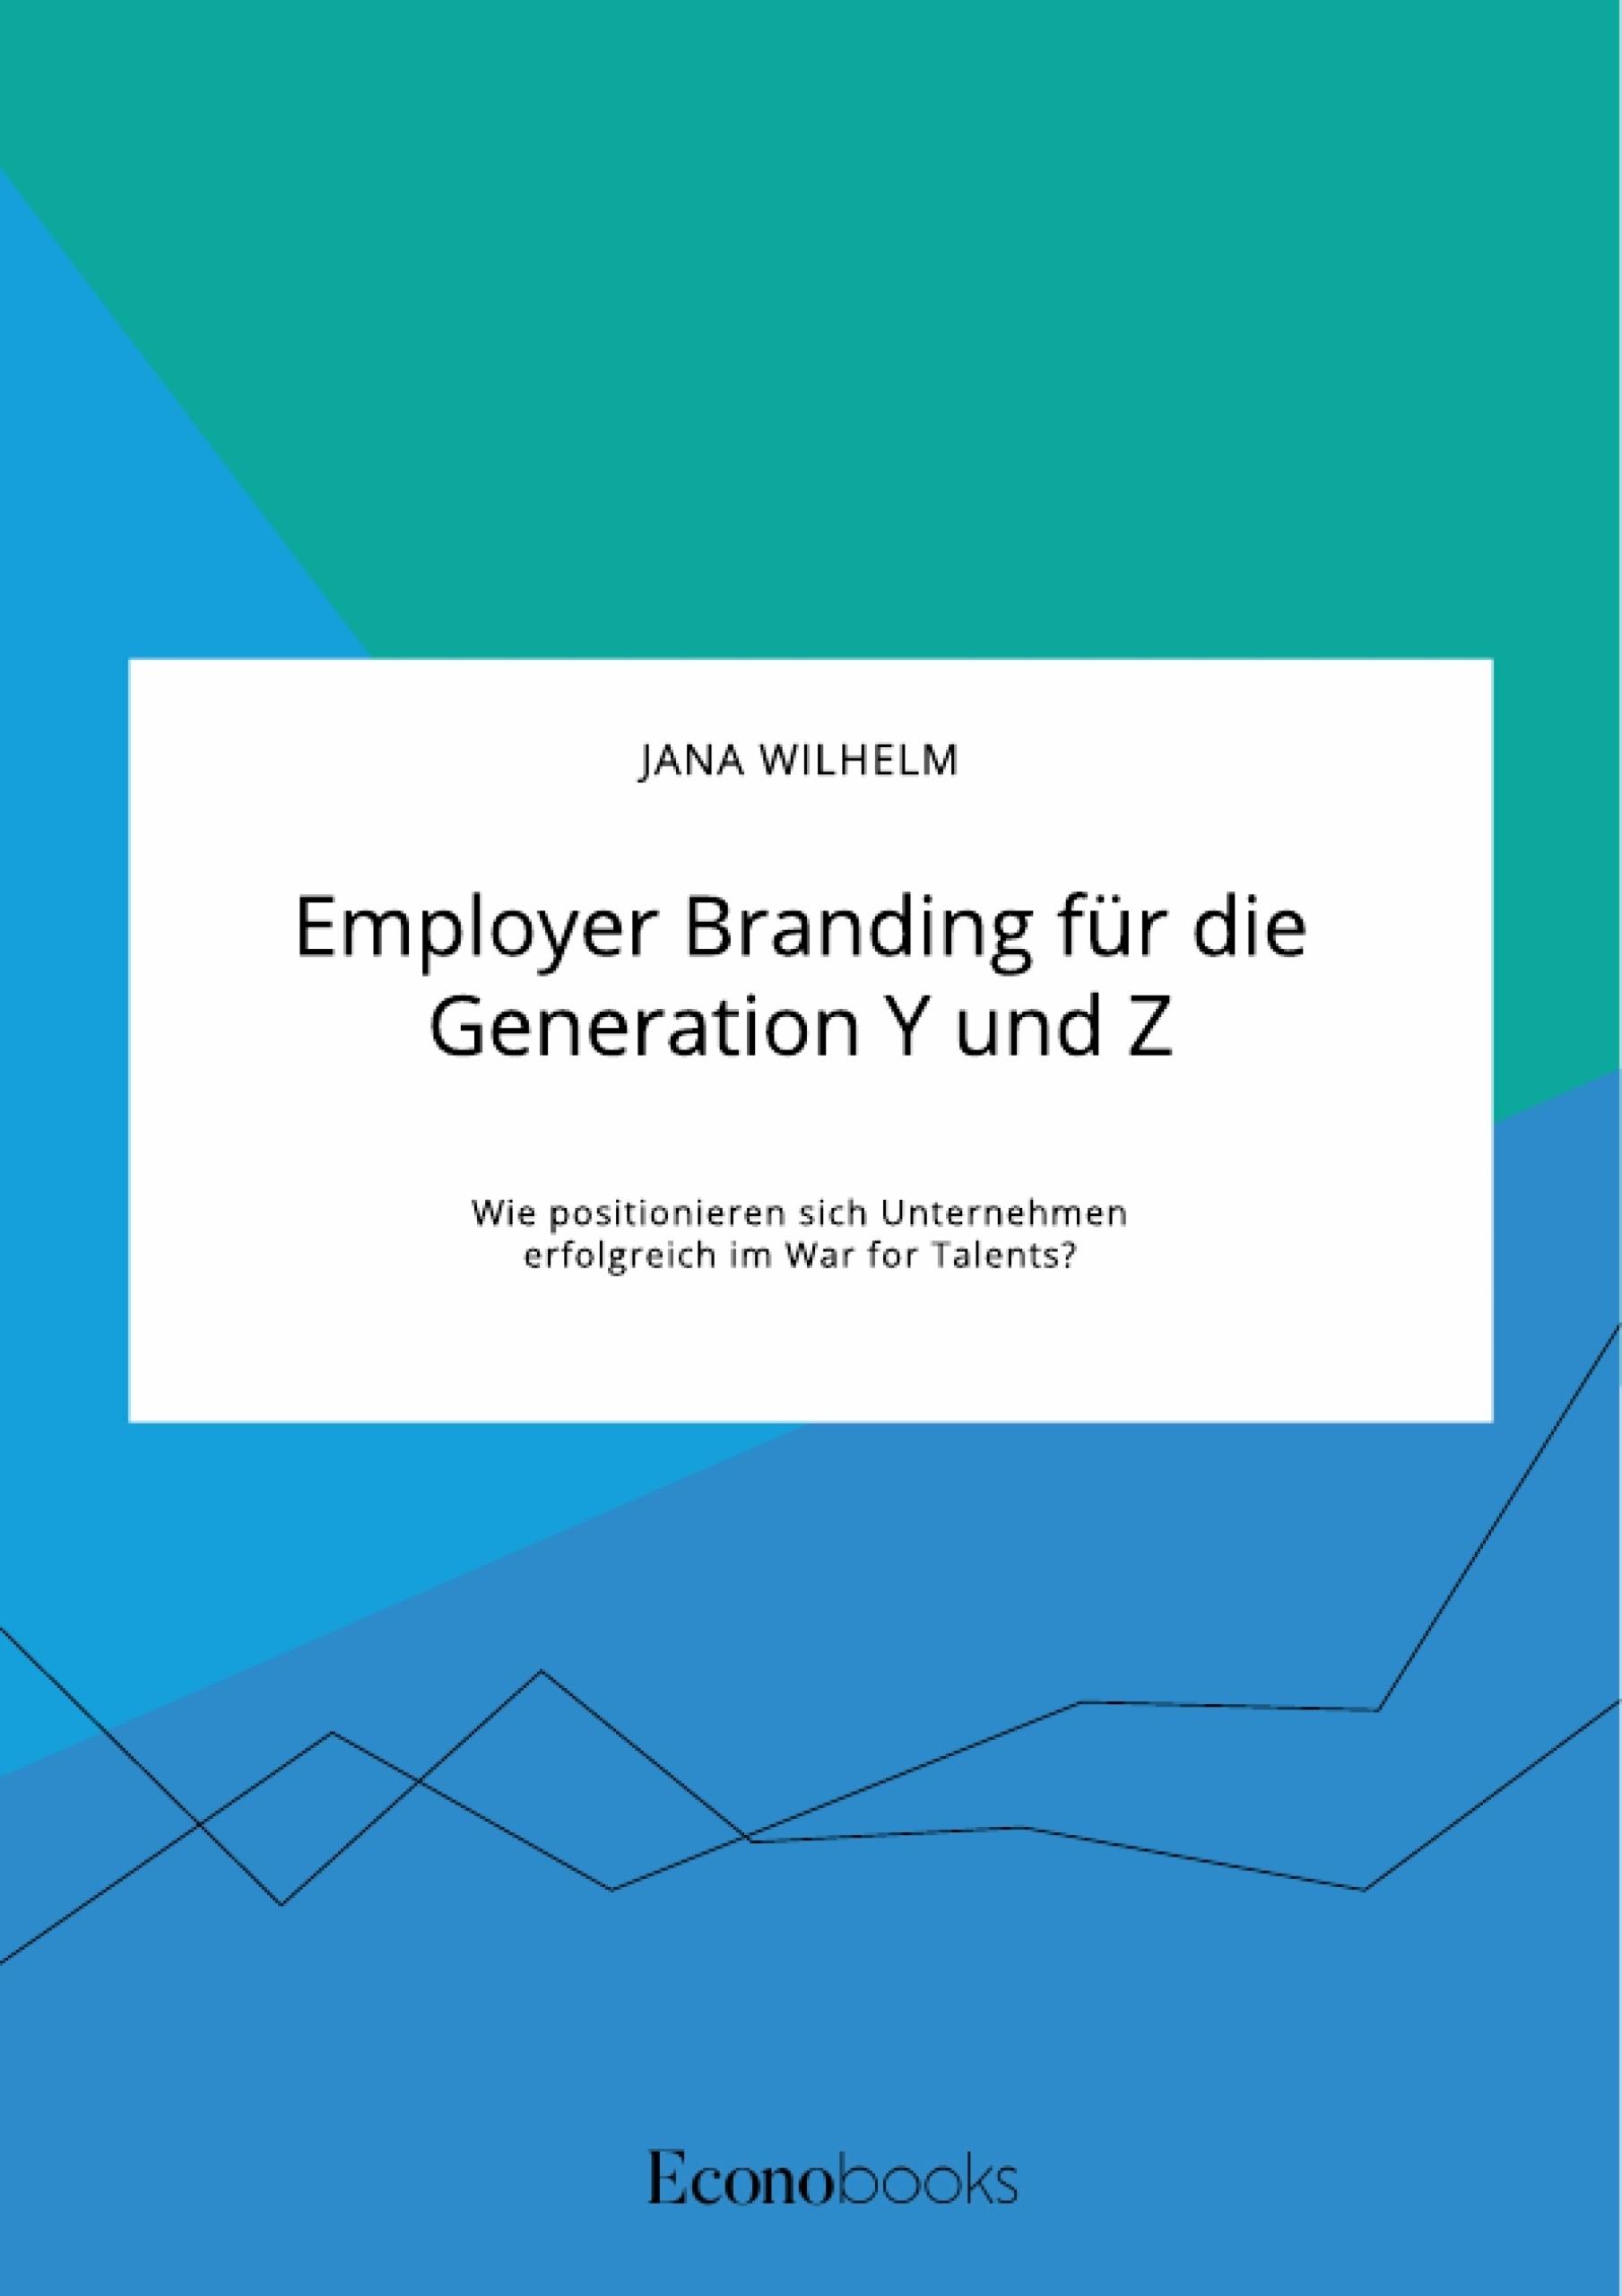 Titel: Employer Branding für die Generation Y und Z. Wie positionieren sich Unternehmen erfolgreich im War for Talents?